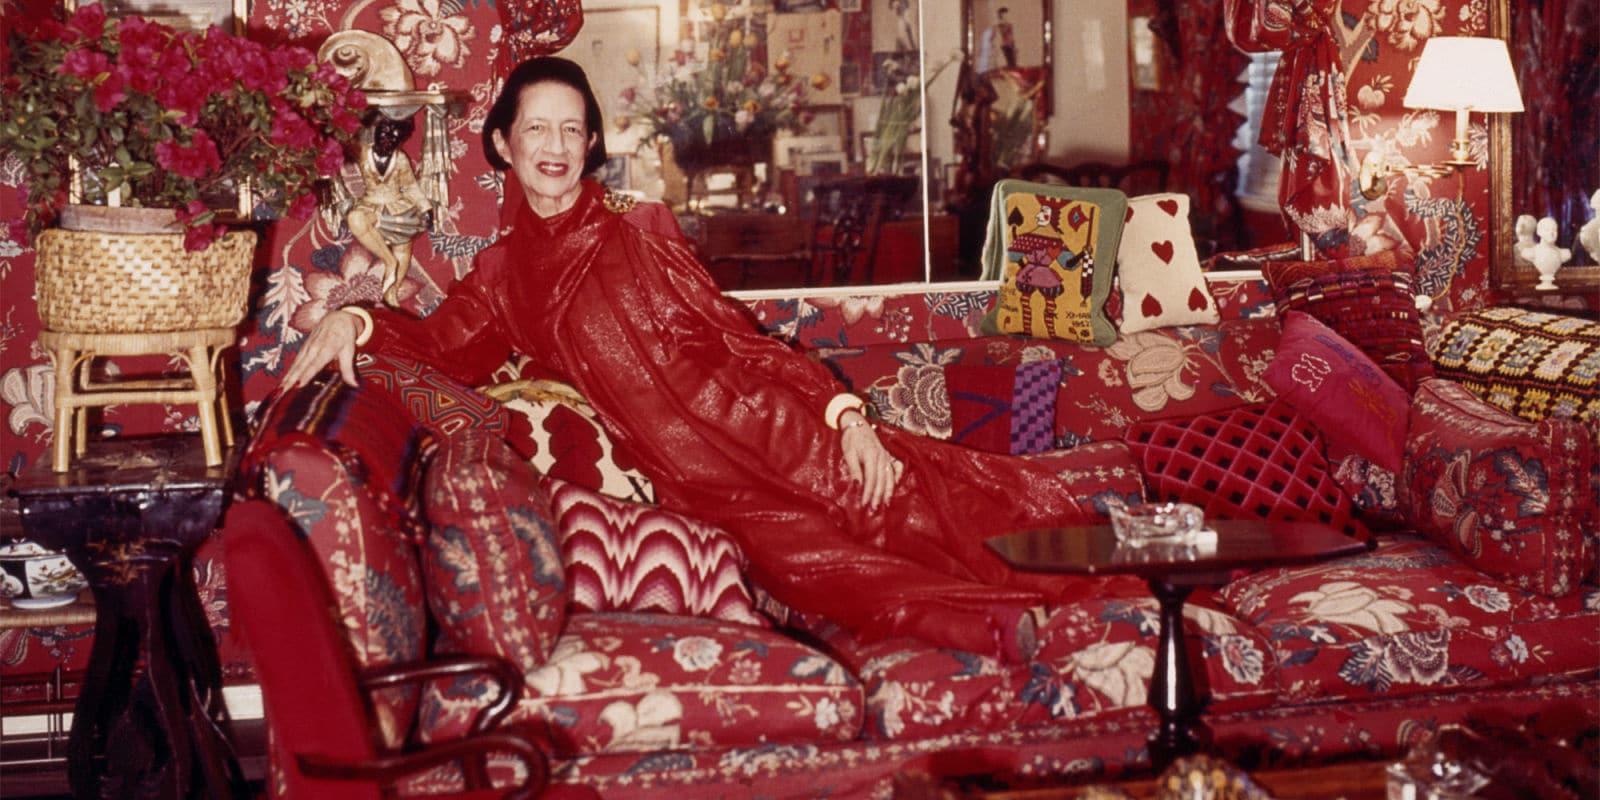 50 fashion quotes Impulsemag diane vreeland